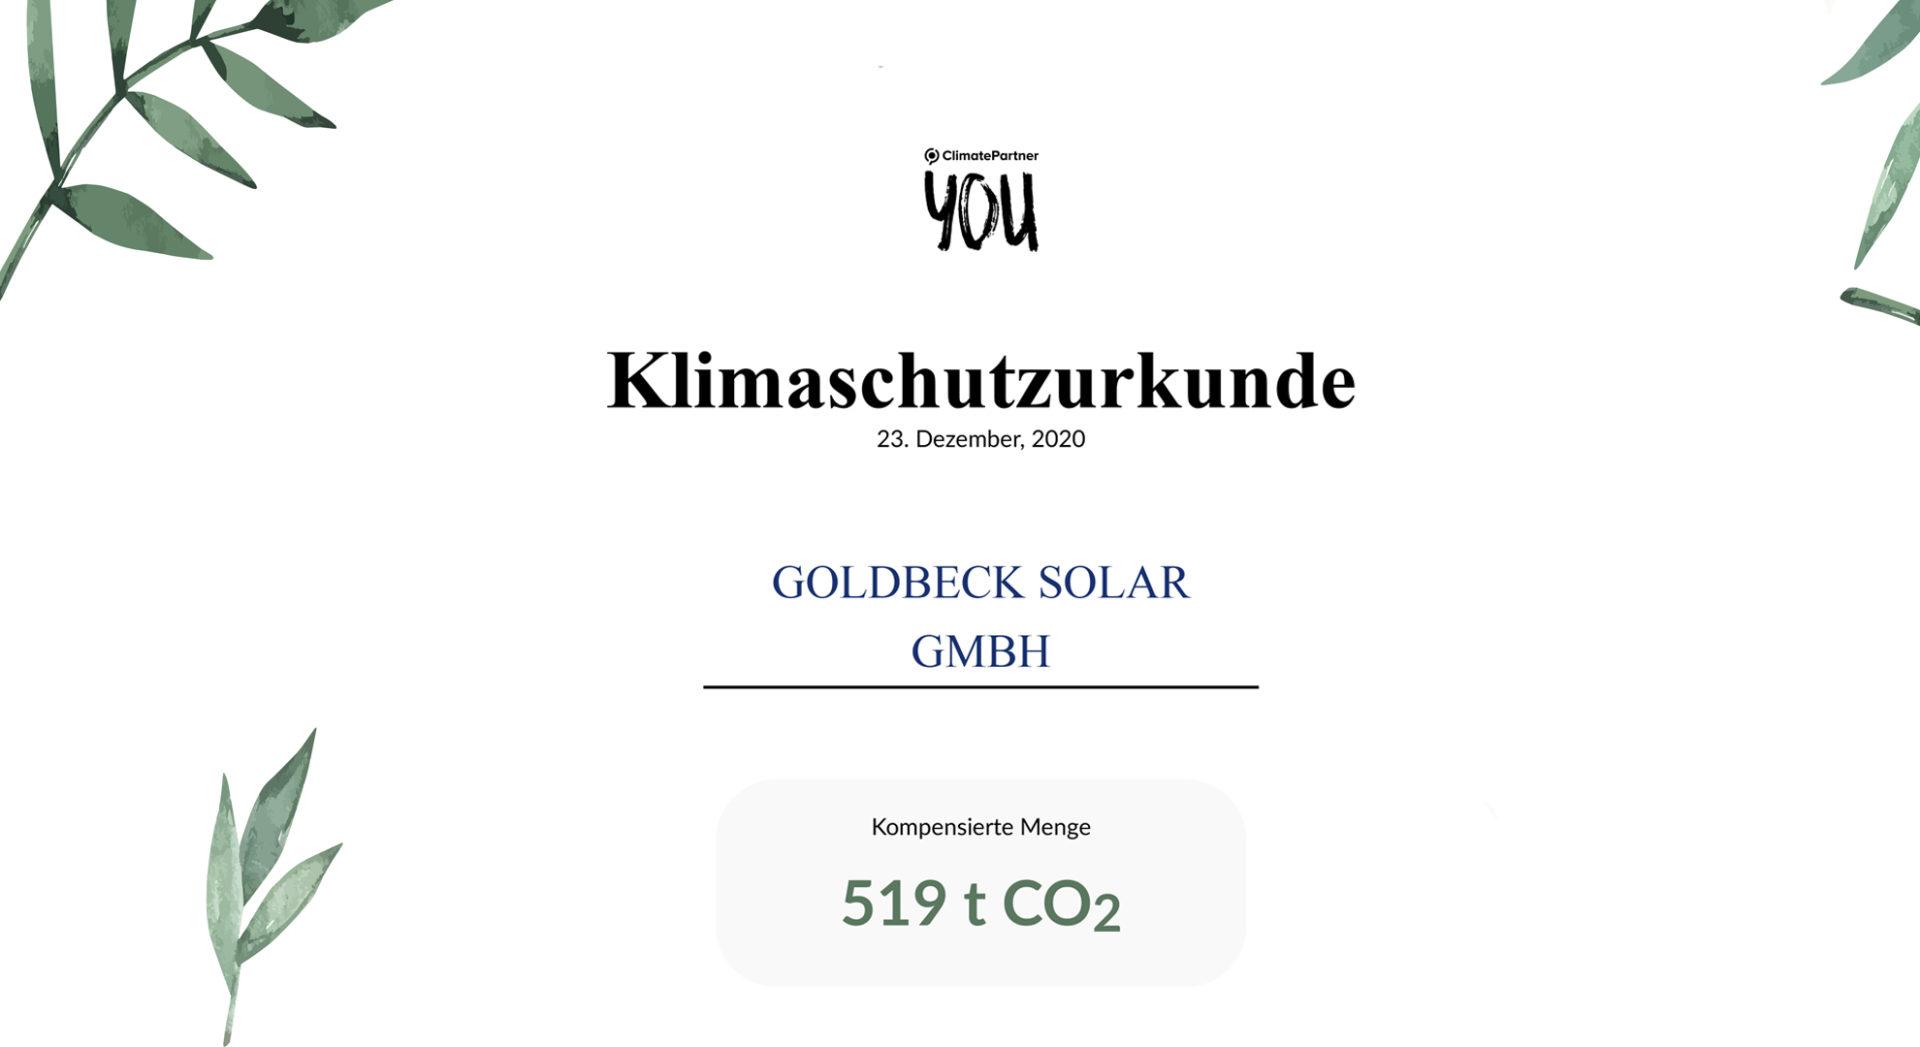 Ausschnitt der Klimaschutzurkunde der ClimatePartner Foundation gGmbH